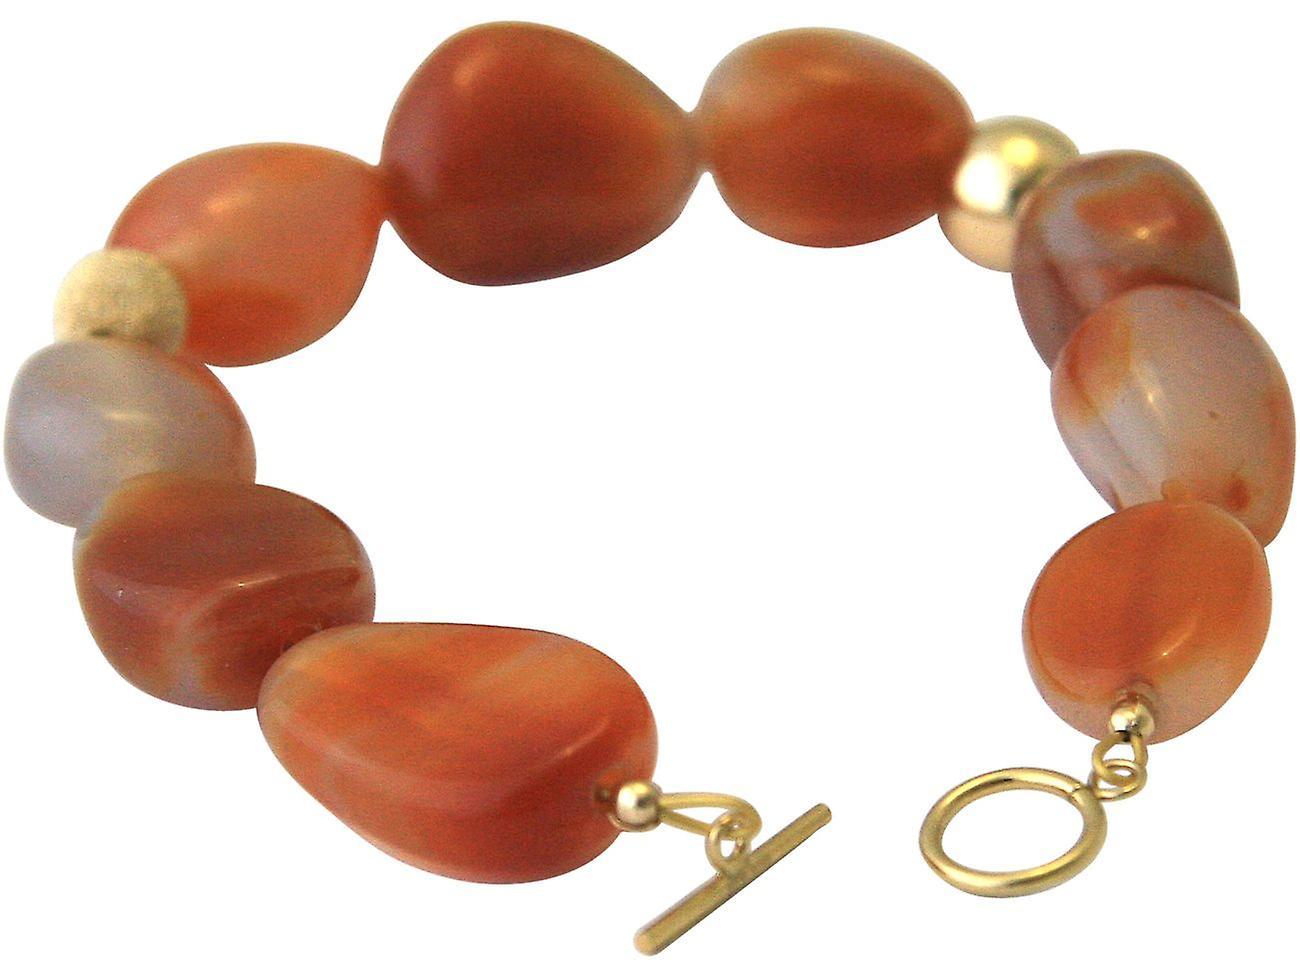 Gemshine Armband mit rotbraunen Karneol Edelsteinen in 925 Silber oder vergoldet